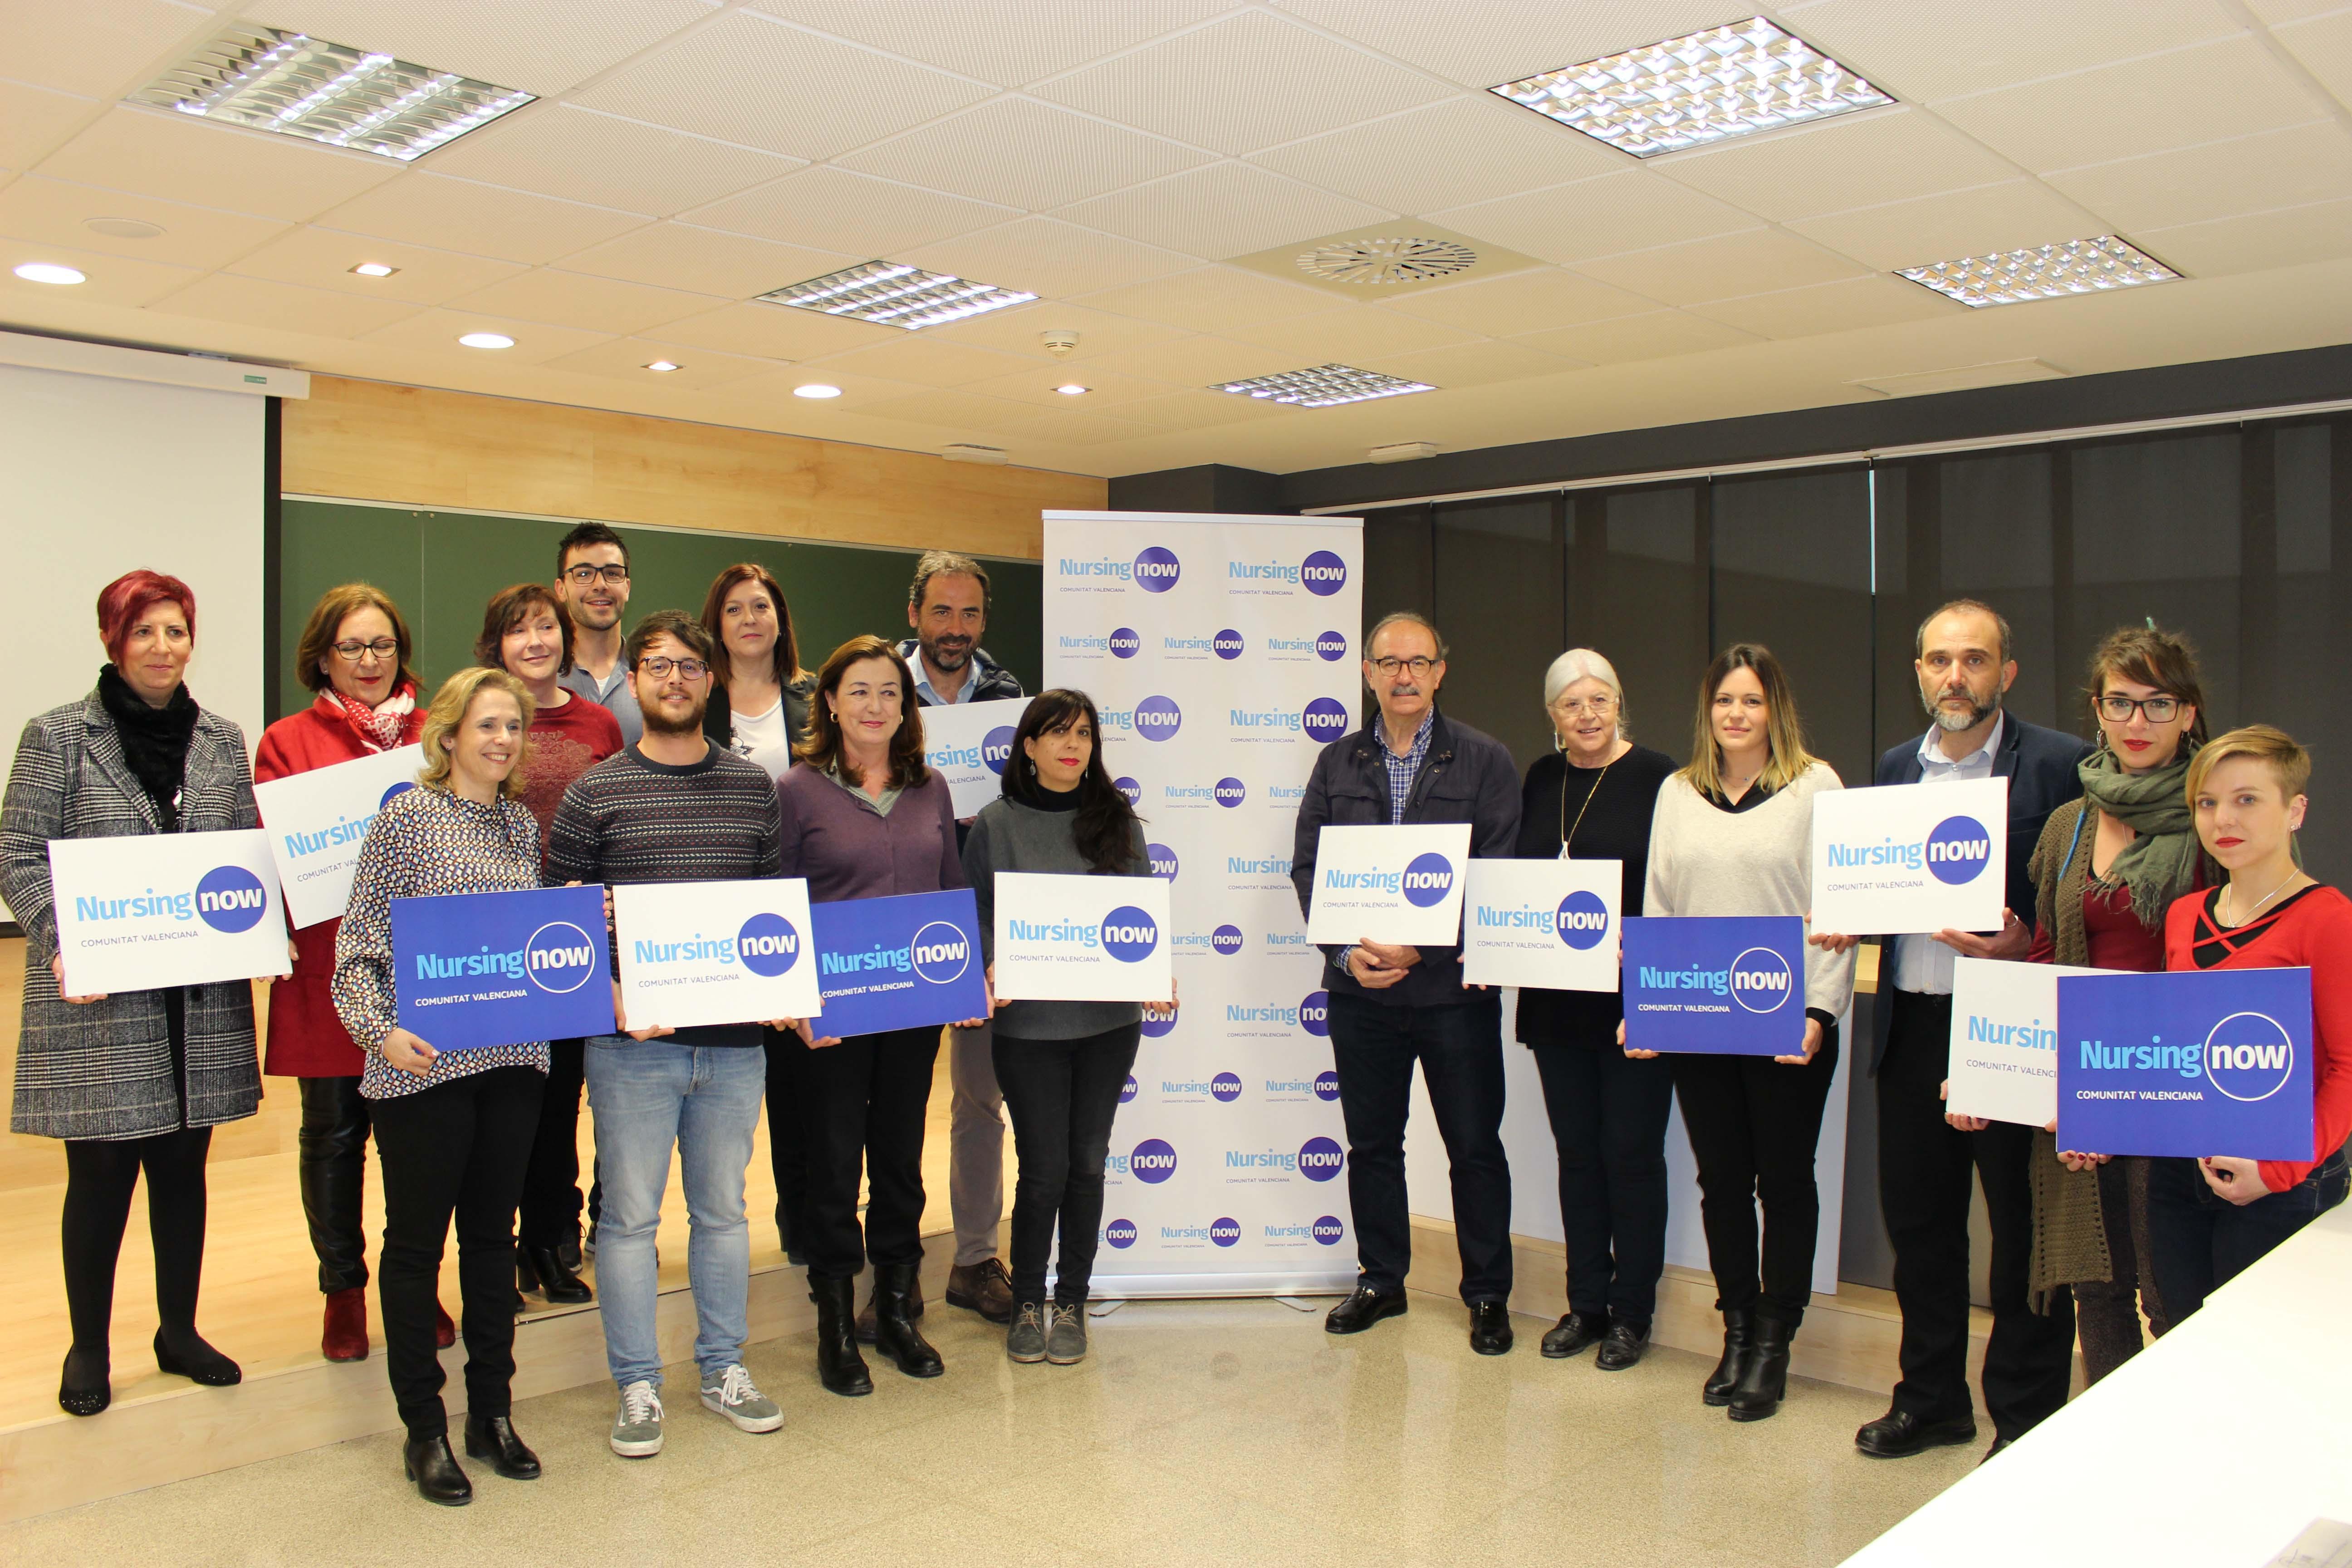 Constituido el grupo de trabajo de Nursing Now en la Comunidad Valenciana